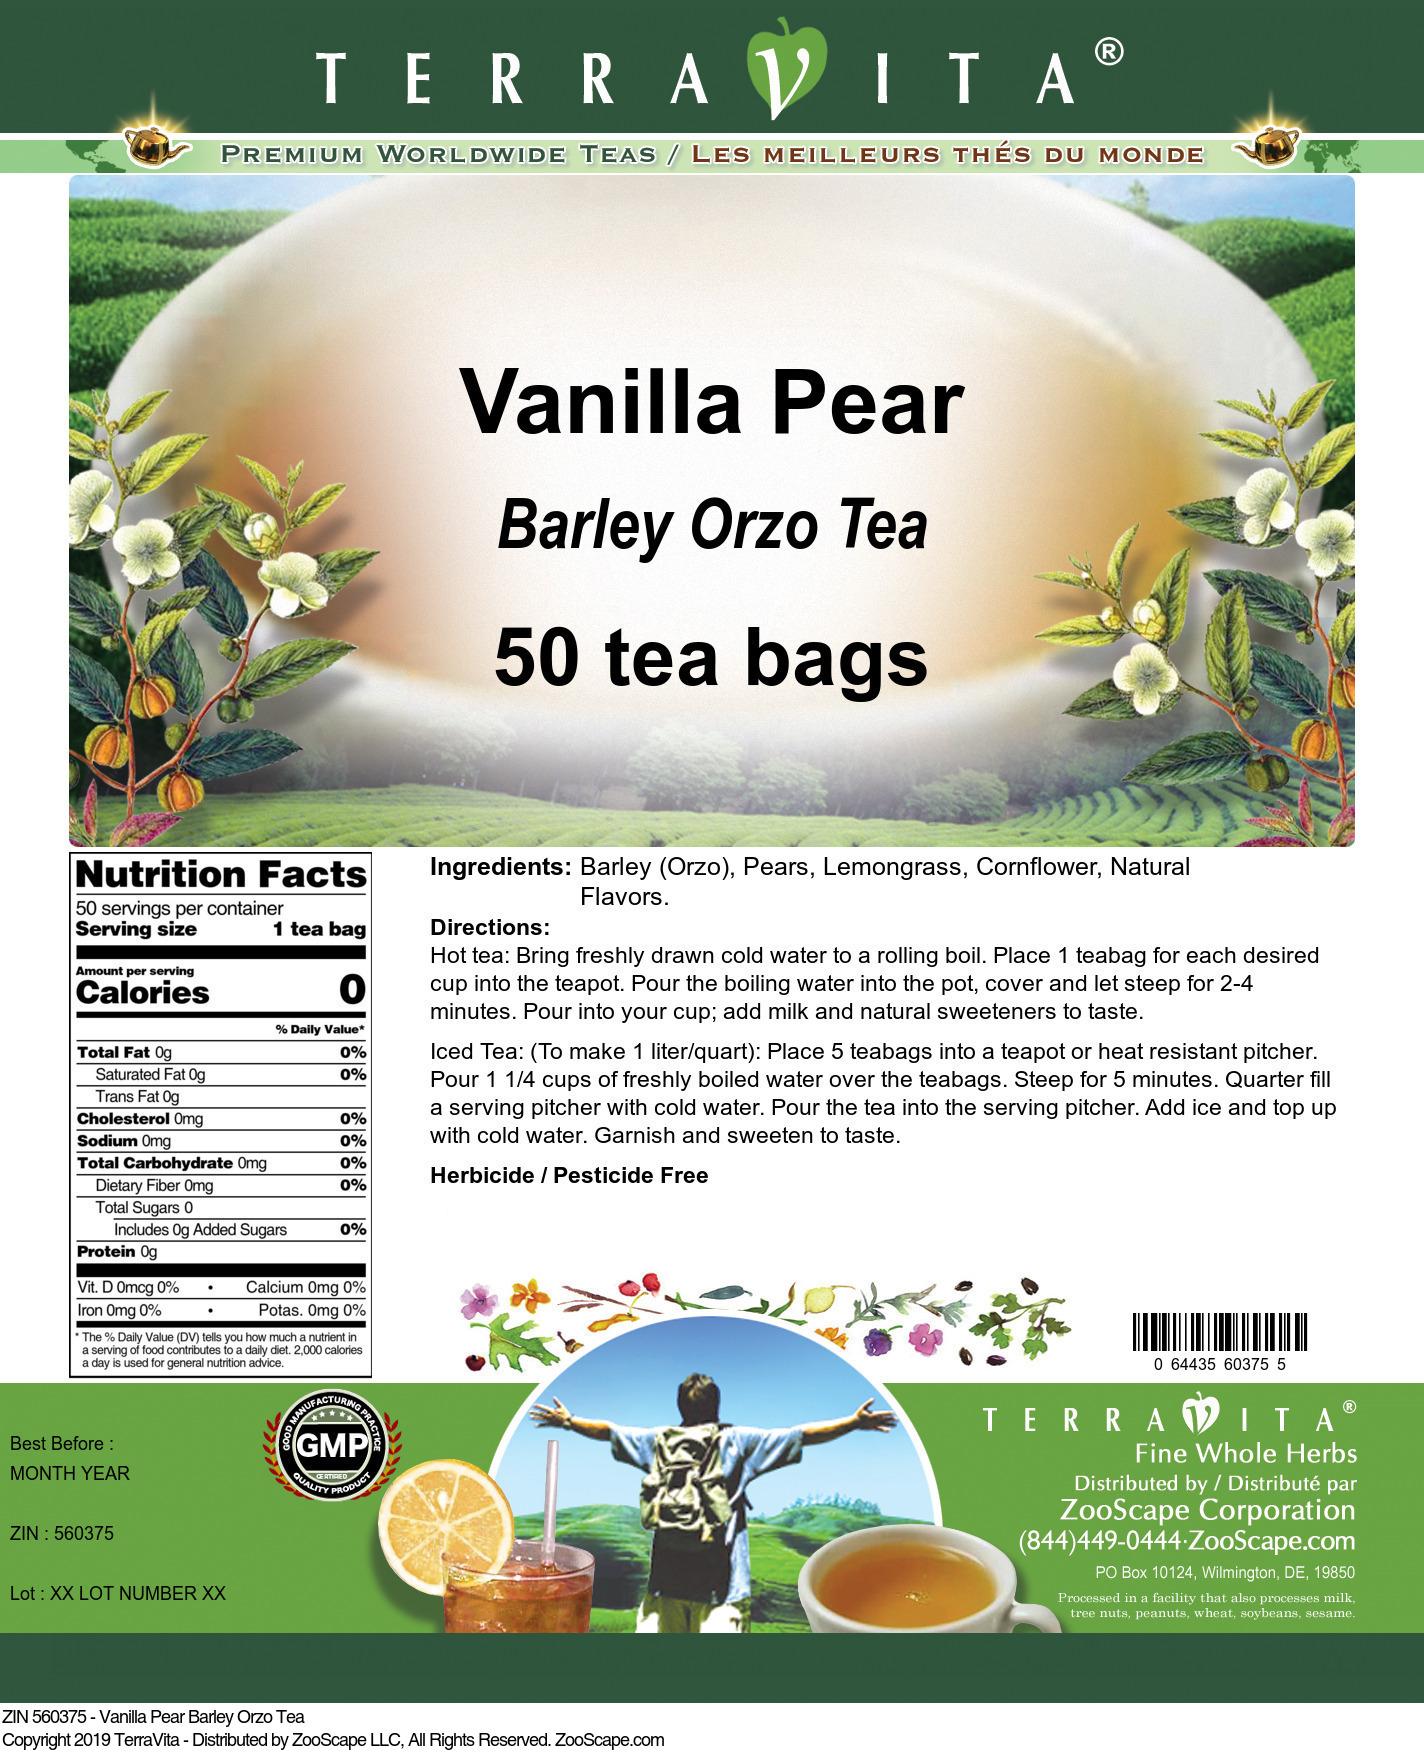 Vanilla Pear Barley Orzo Tea